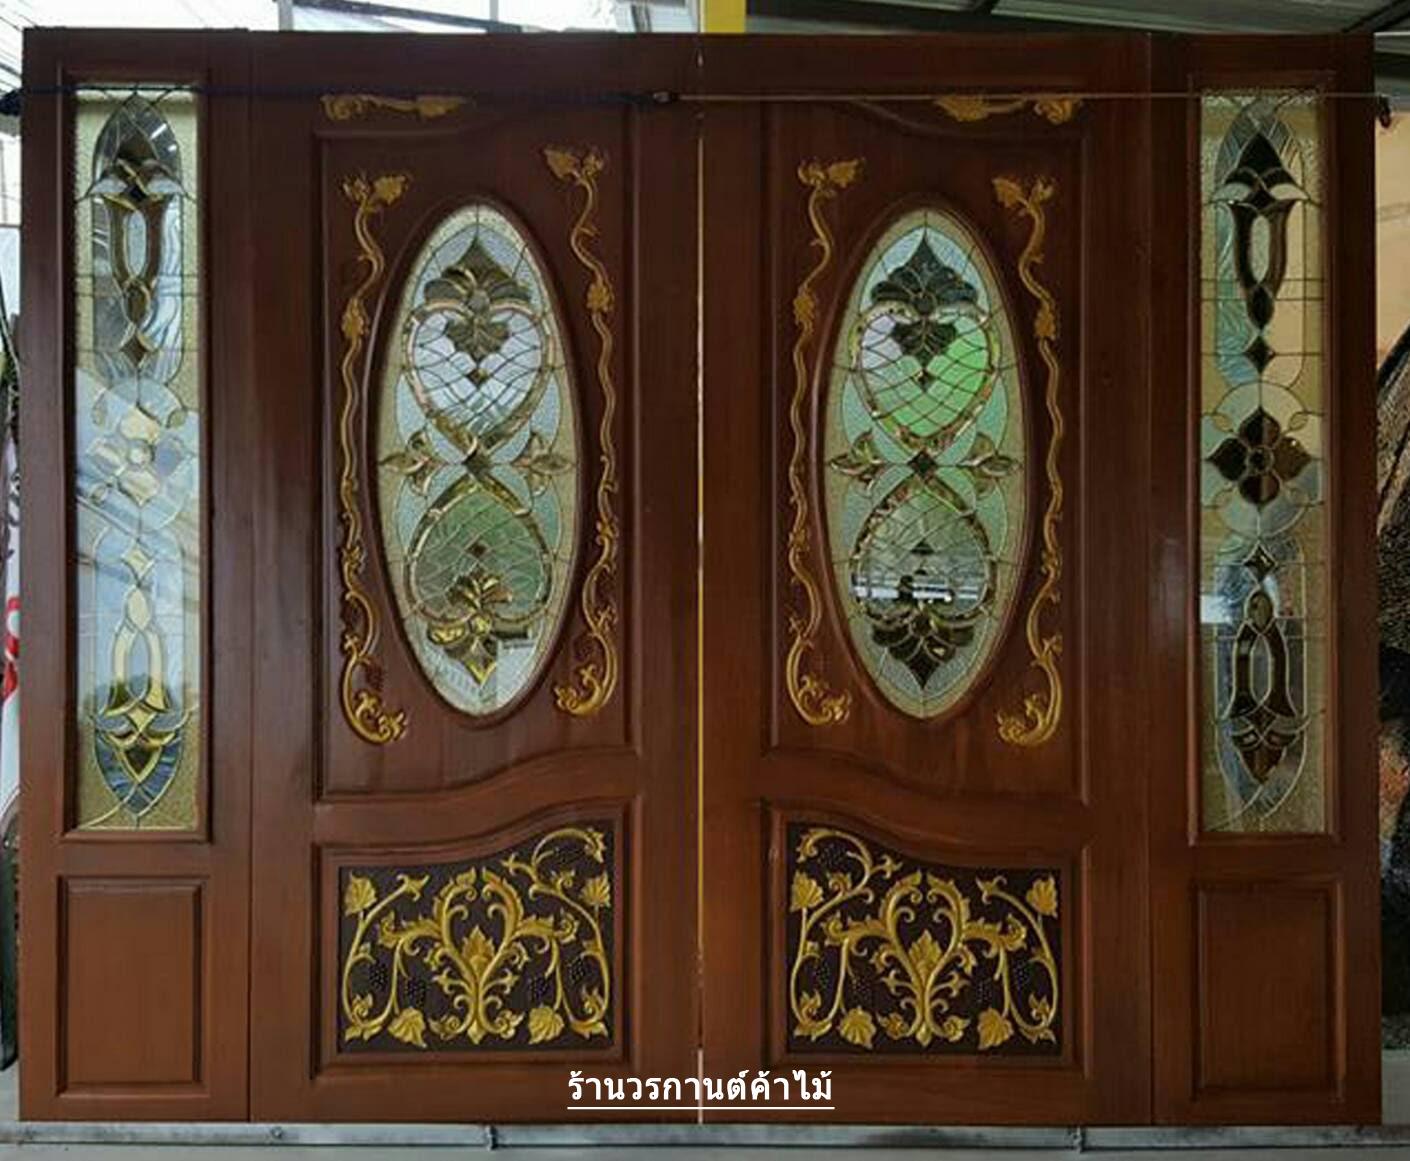 ประตูไม้สักกระจกนิรภัยวงรีแกะองุ่น ชุด4ชิ้น รหัส AAA87